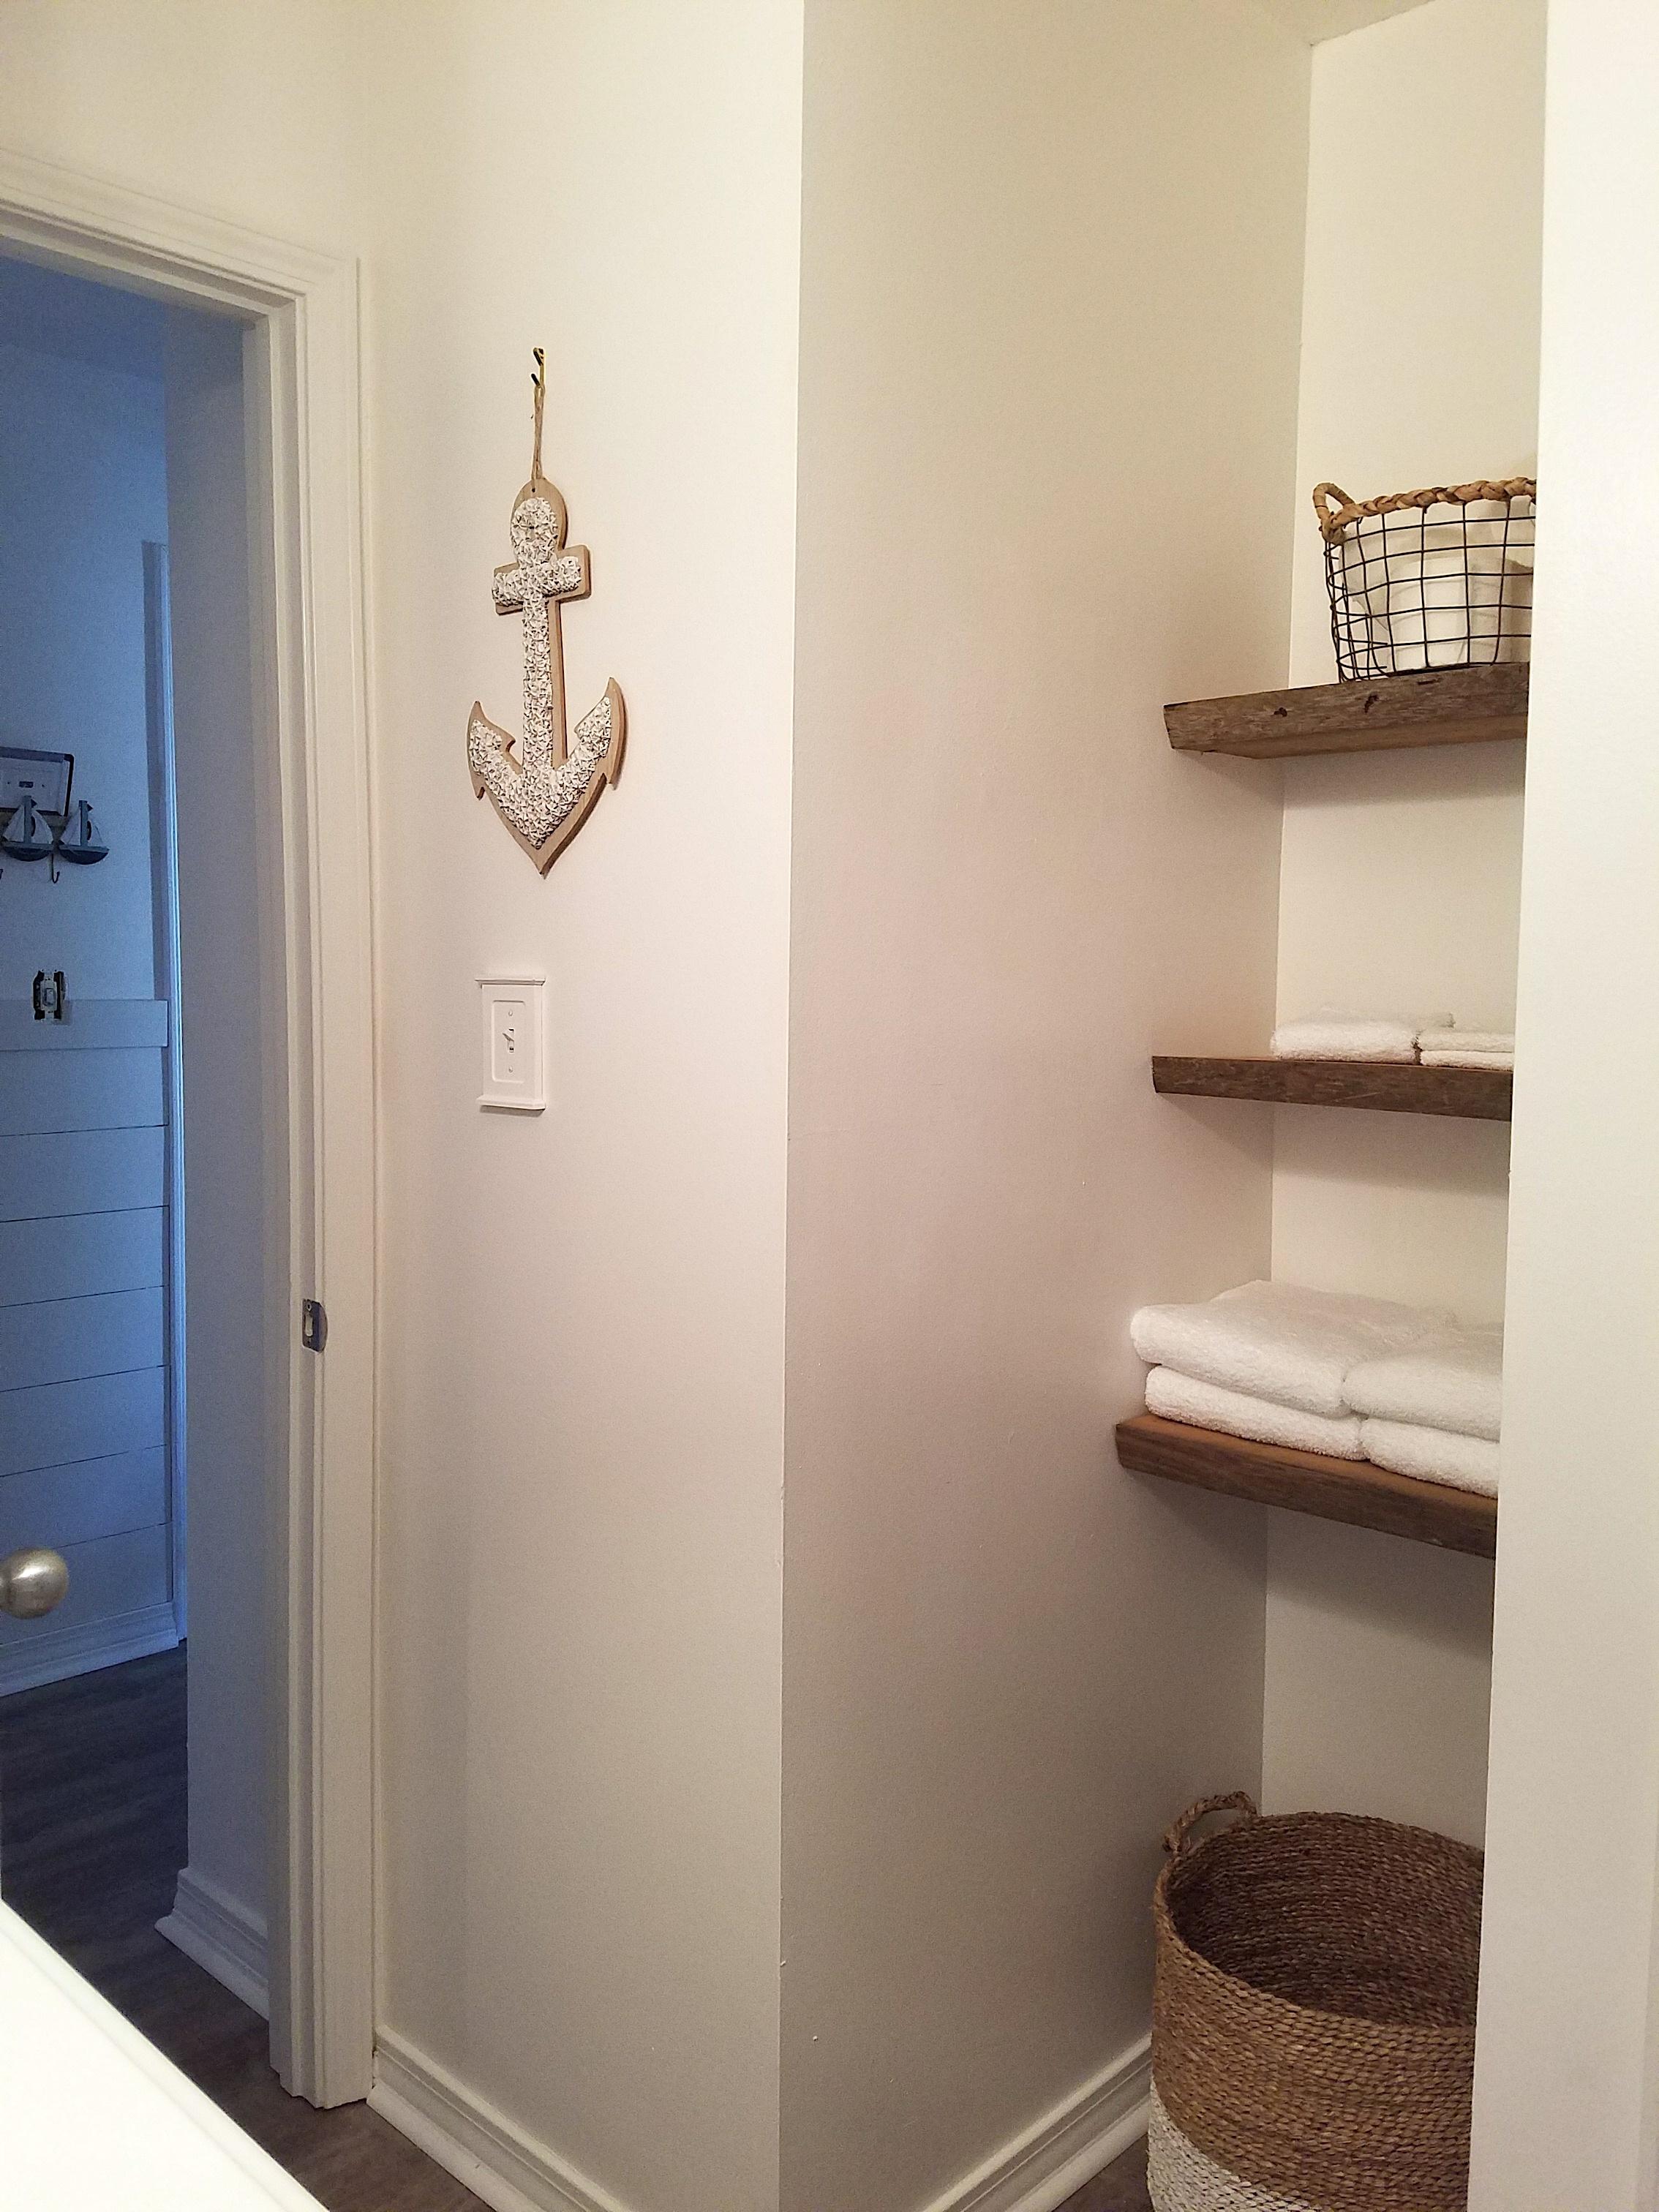 Bathroom Linen shelves.jpg